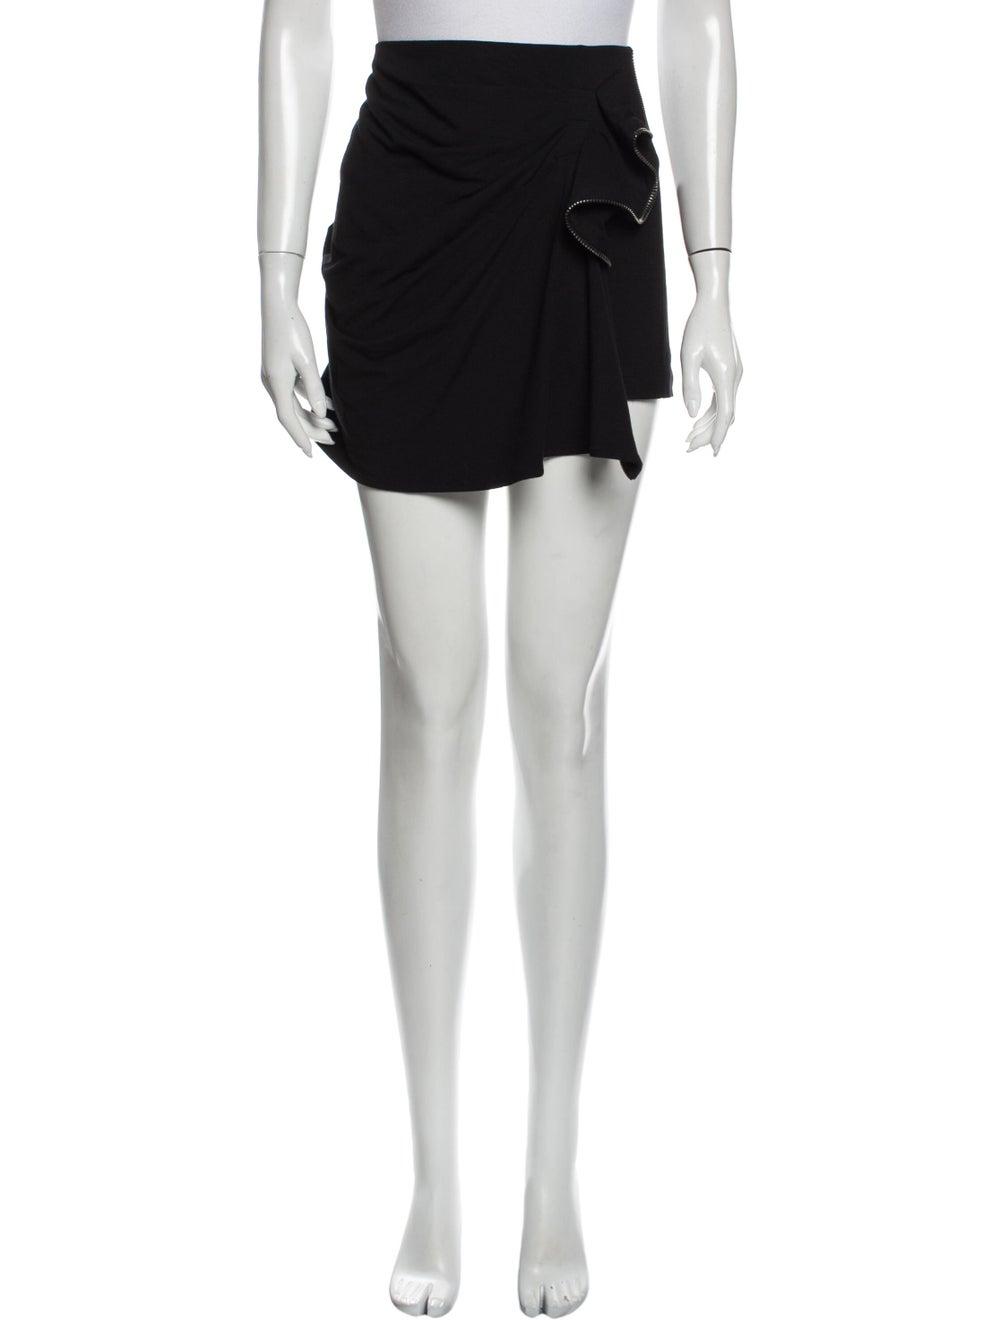 Plein Sud Jeanius Mini Skirt Black - image 1